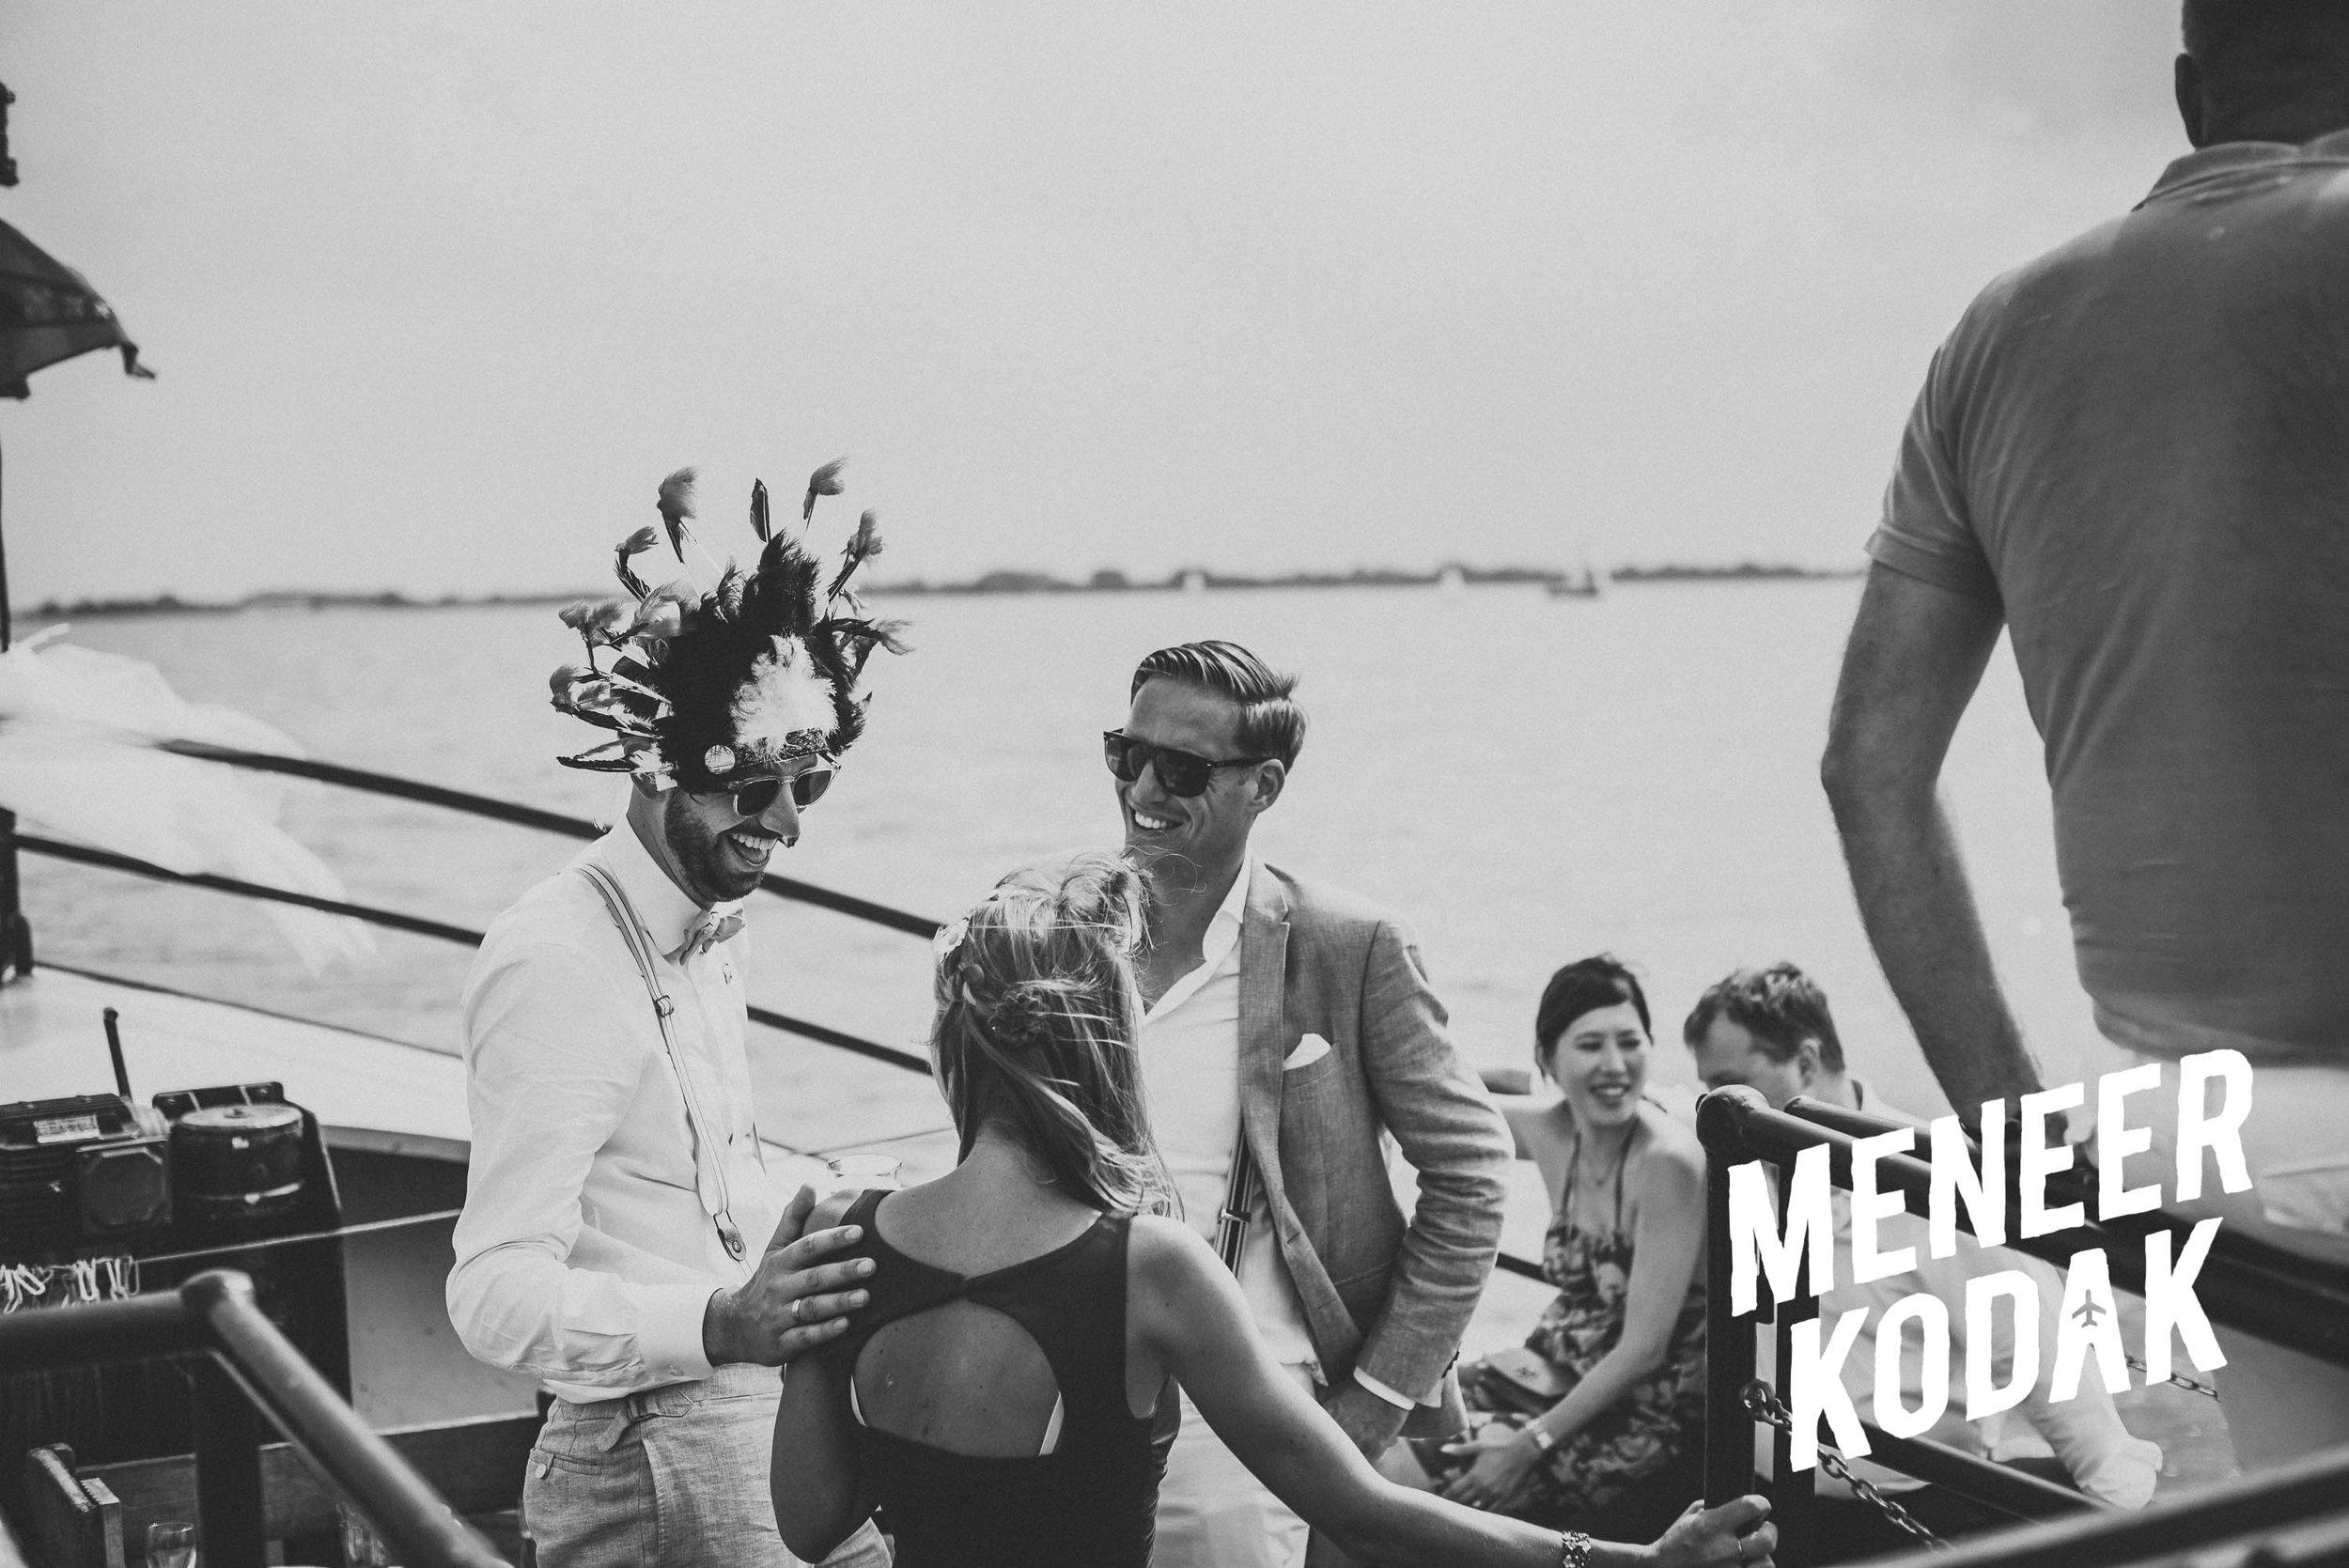 Meneer Kodak - Trouwfotograaf - Amsterdam - H&T-081.jpg